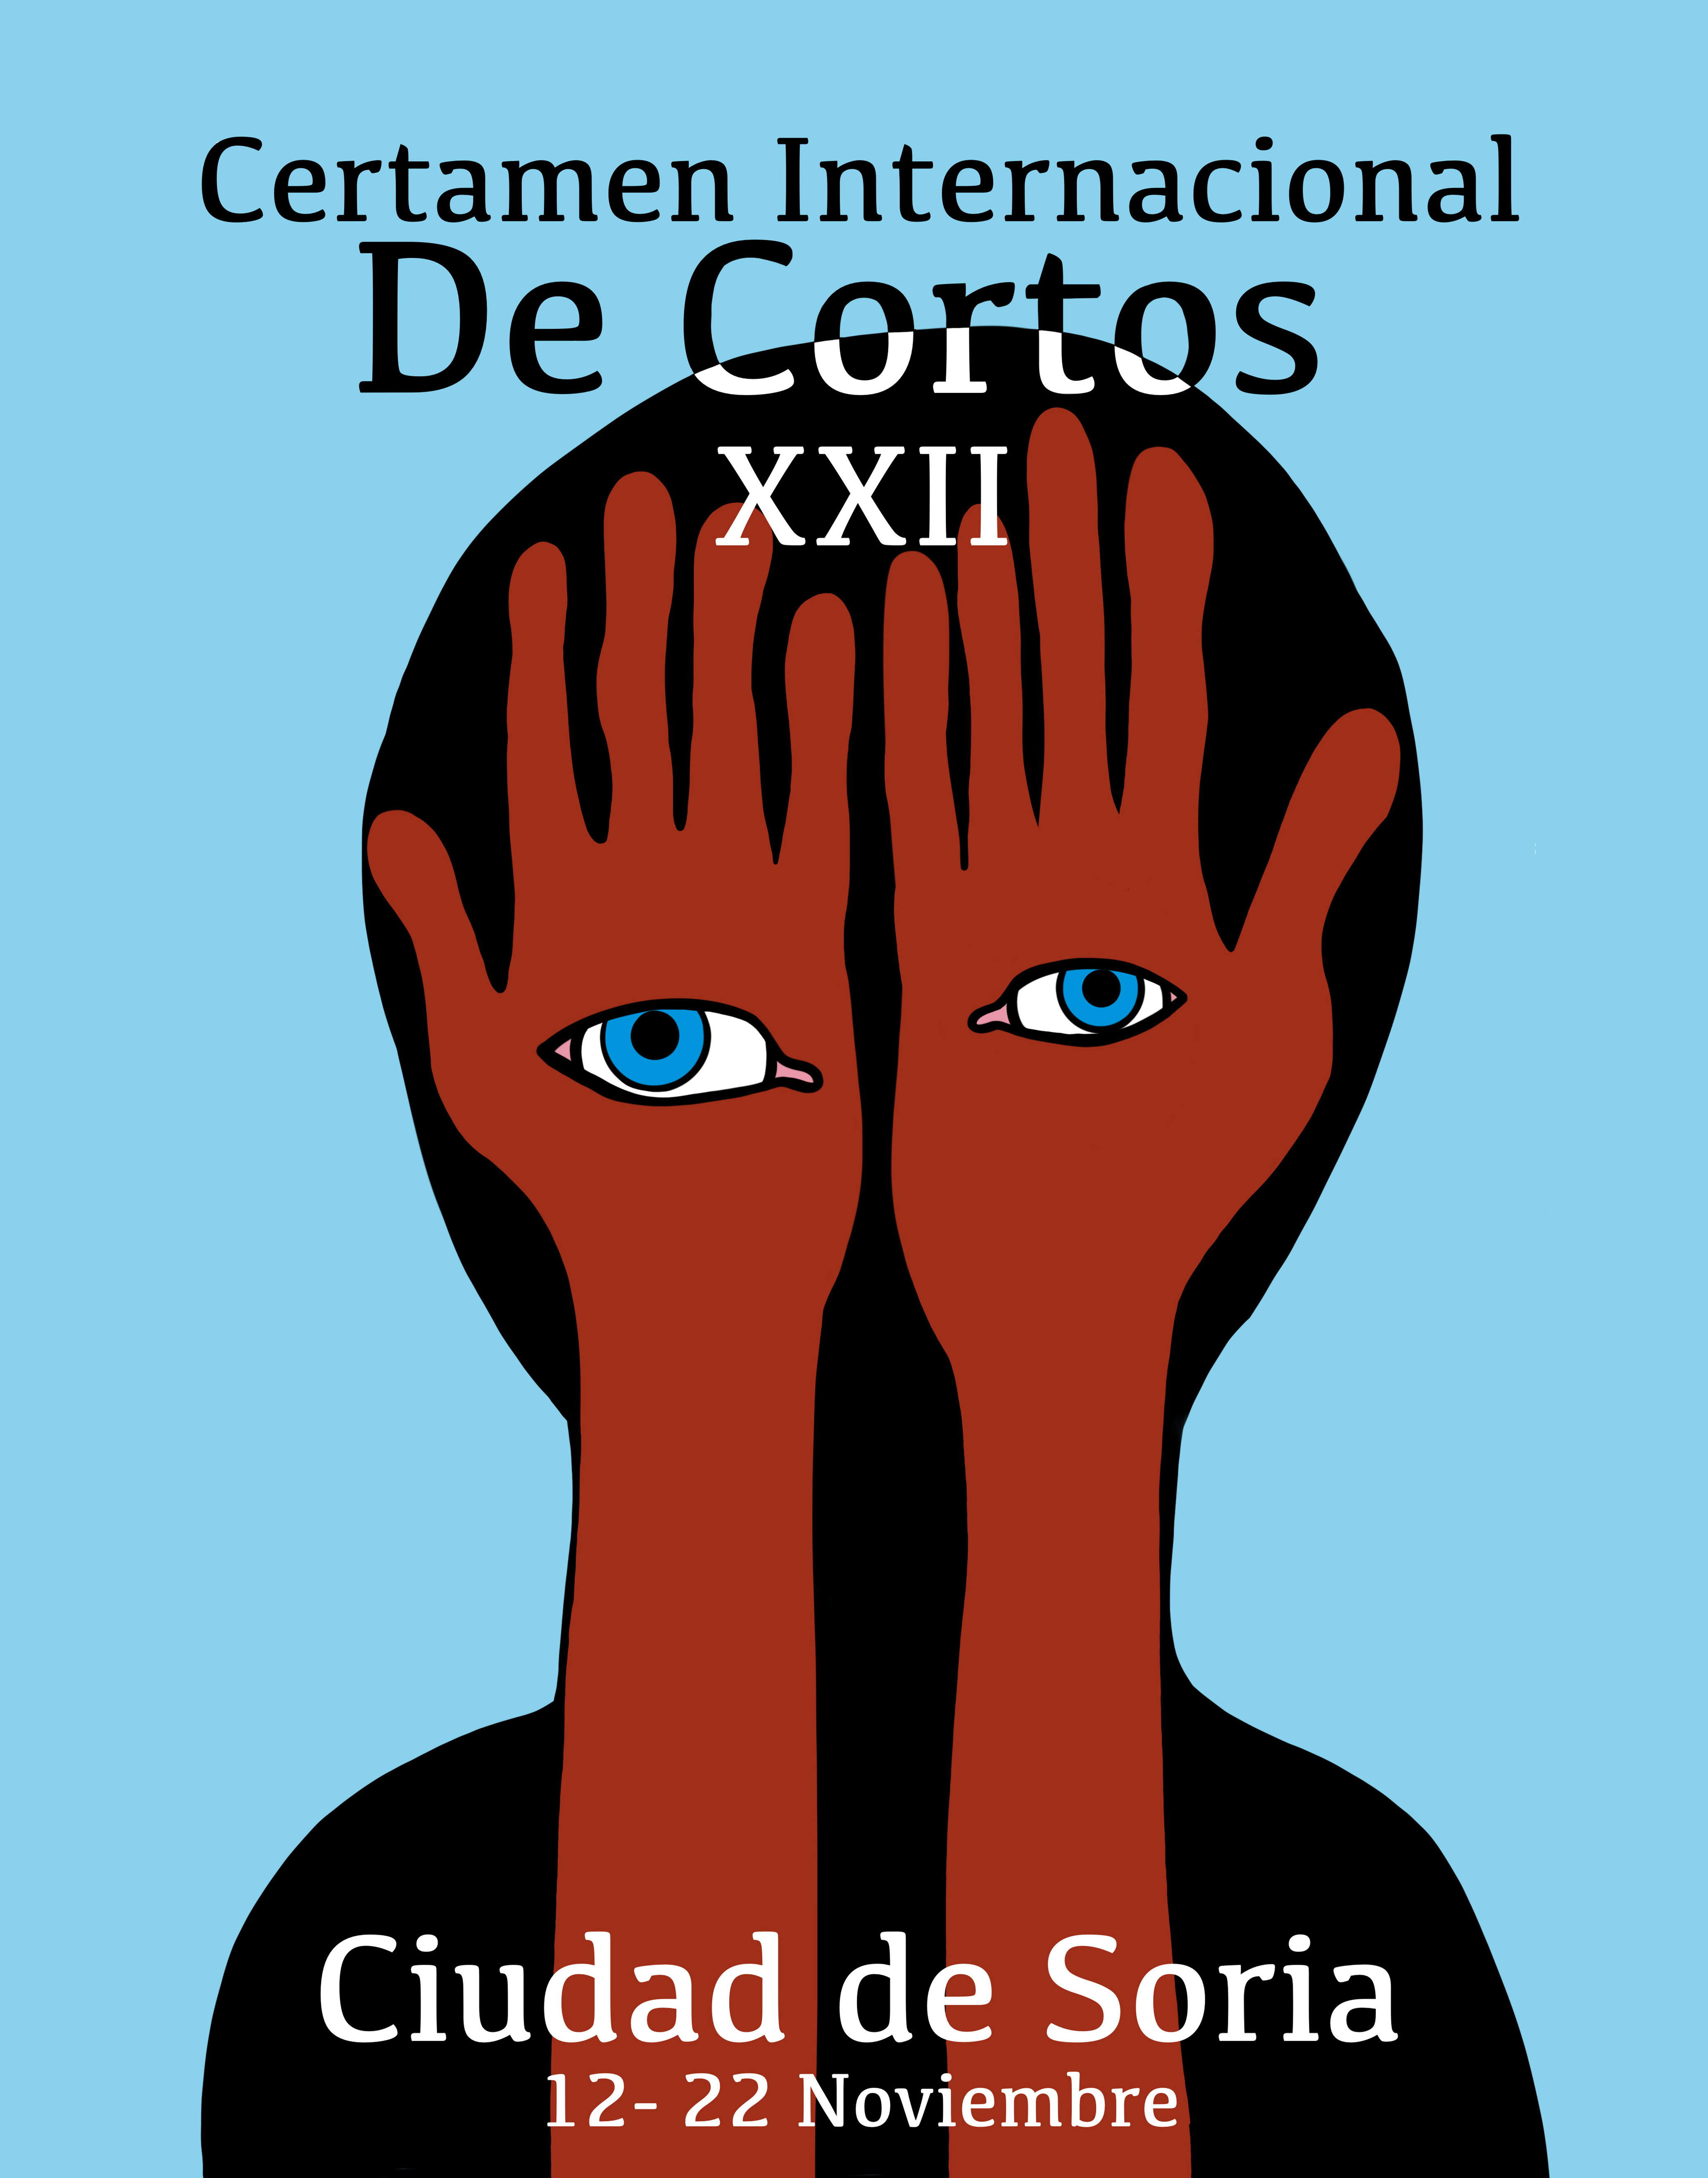 Disfruta del Certamen Internacional de Cortos Ciudad de Soria hasta el 22 de noviembre